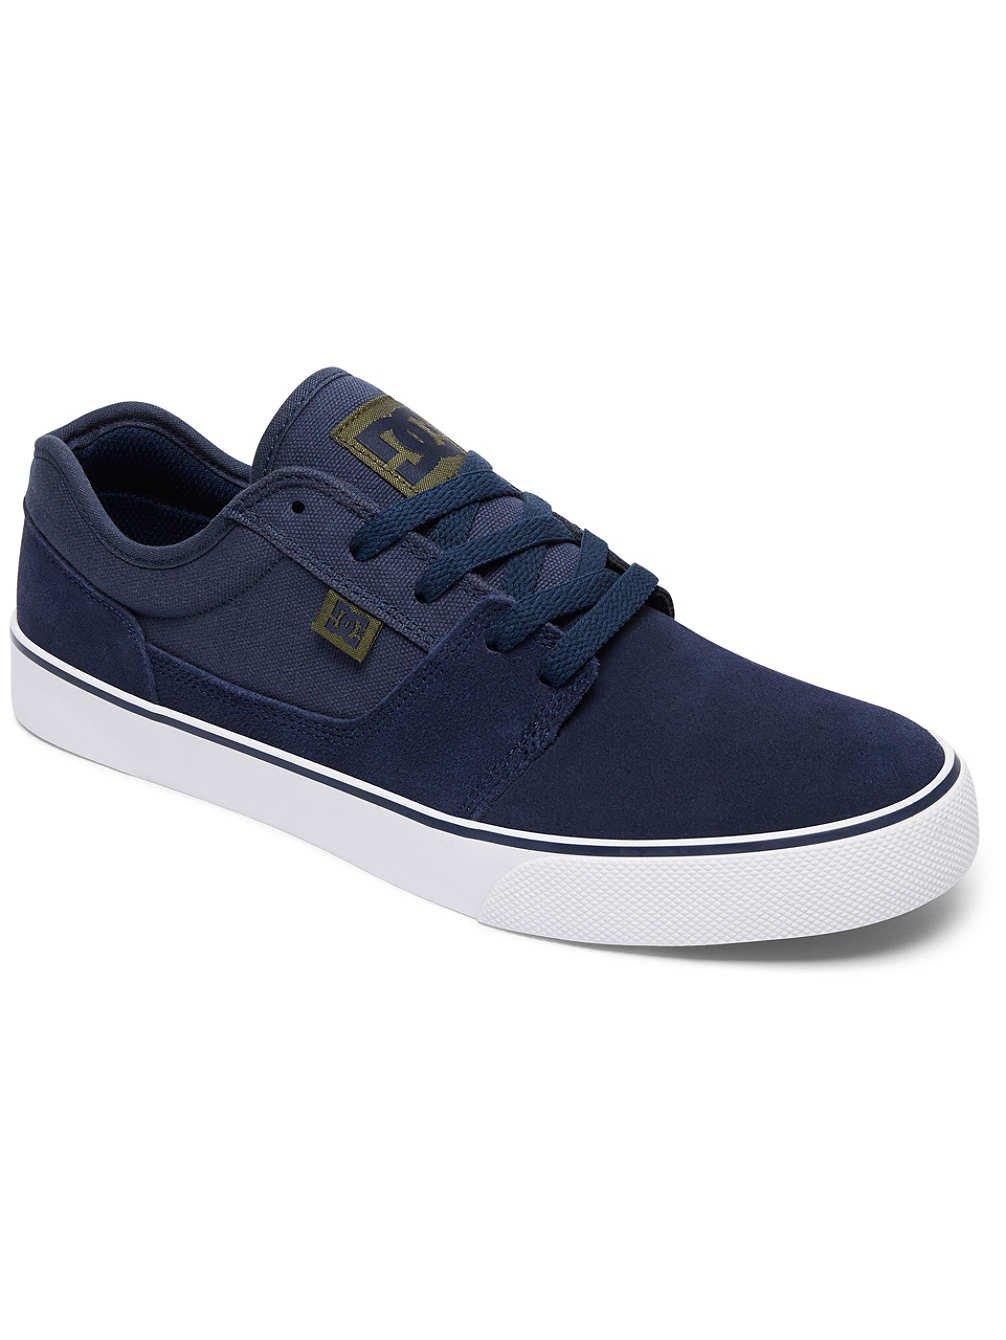 DC Shoes TONIK SHOE D0302905 - Zapatillas de ante para hombre 40 EU|Azul Marino